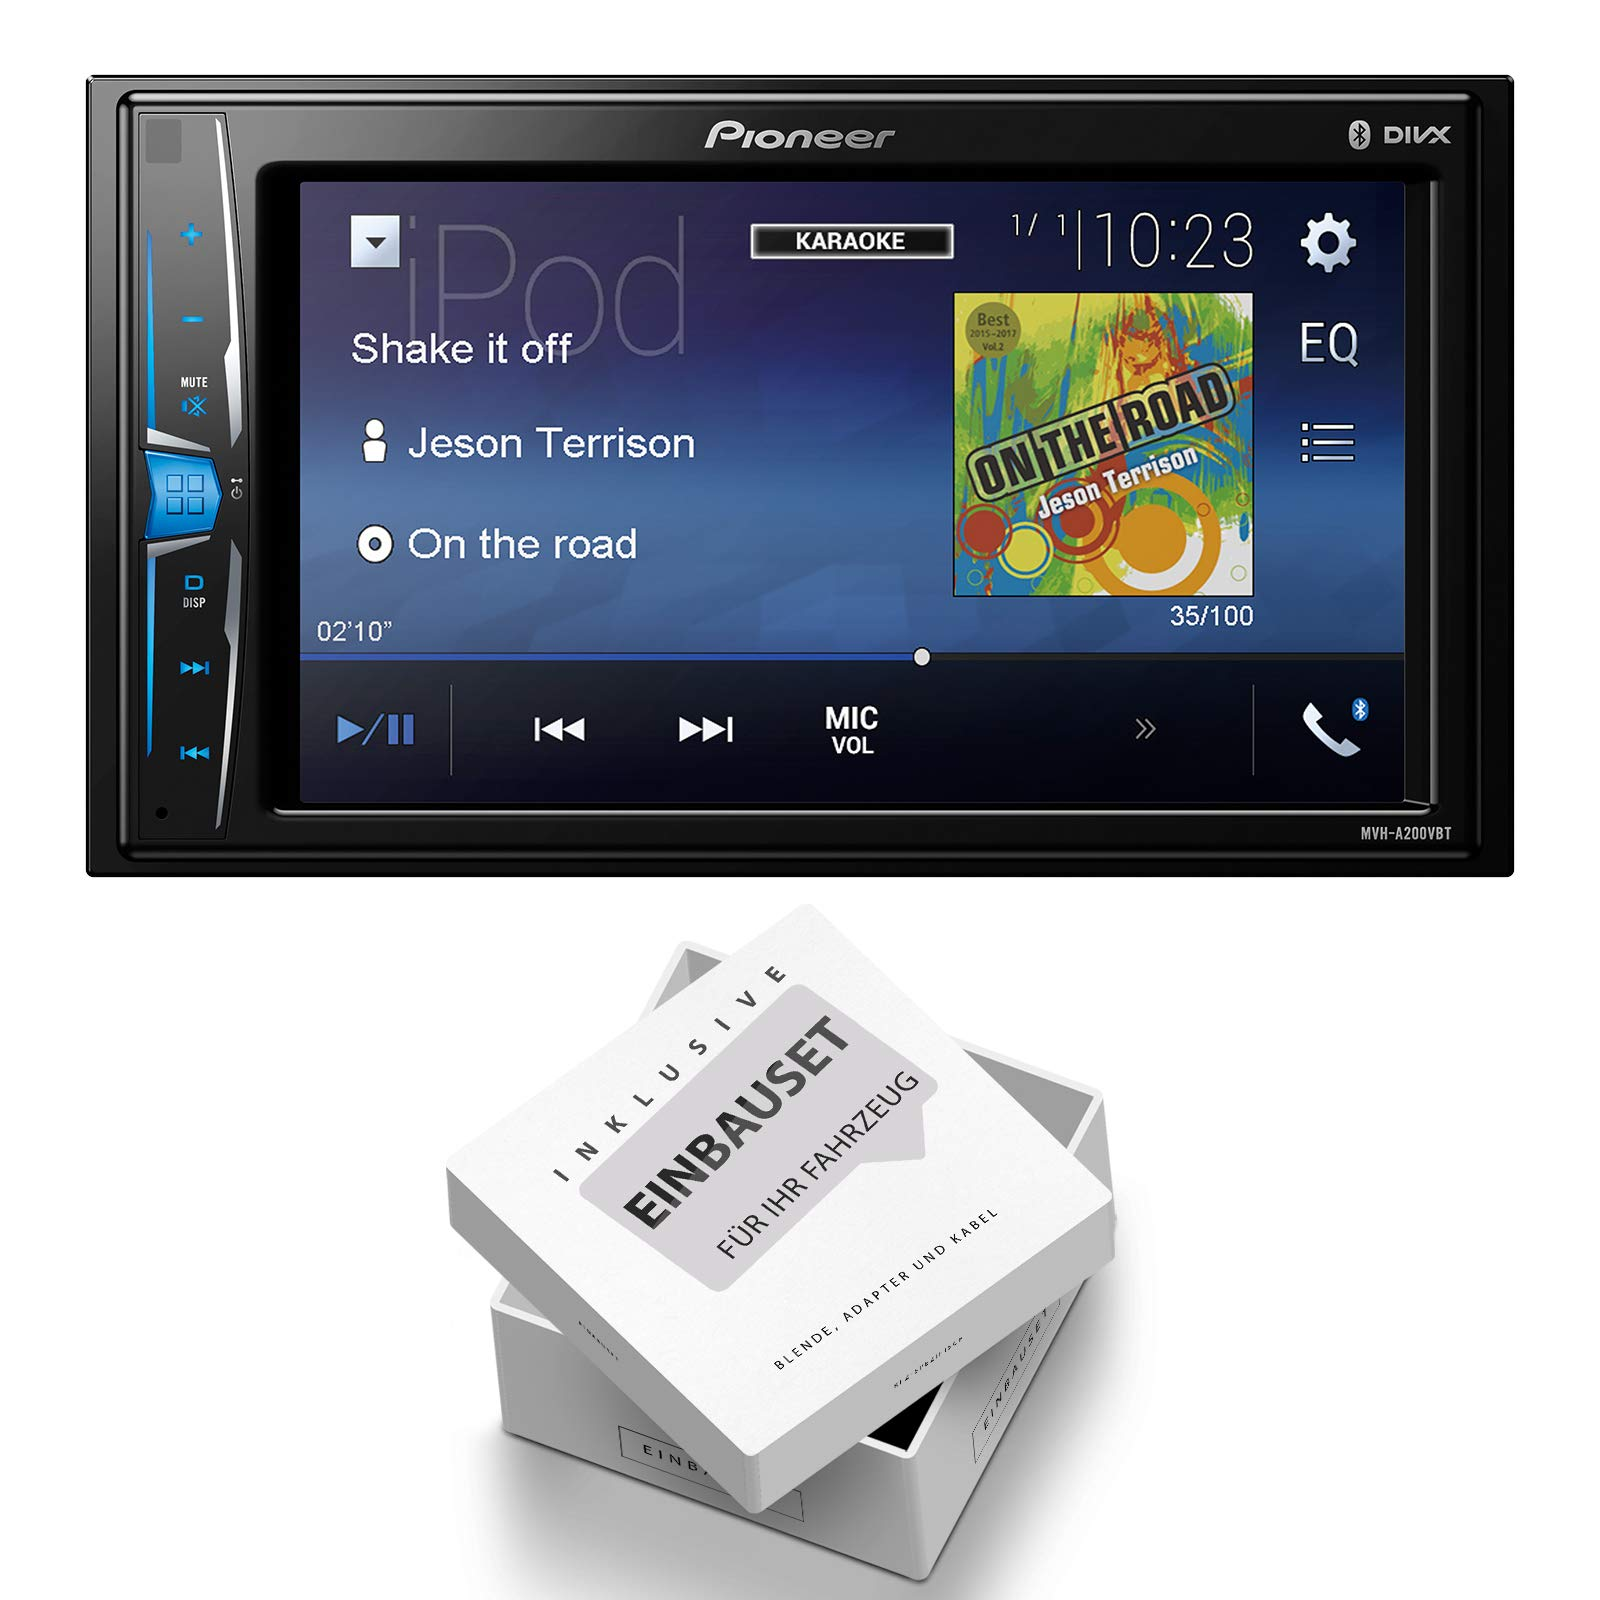 Pioneer-Radio-MVH-A200VBT-2DIN-Bluetooth-mit-Einbauset-fr-Subaru-Impreza-G3G3S-2007-2012